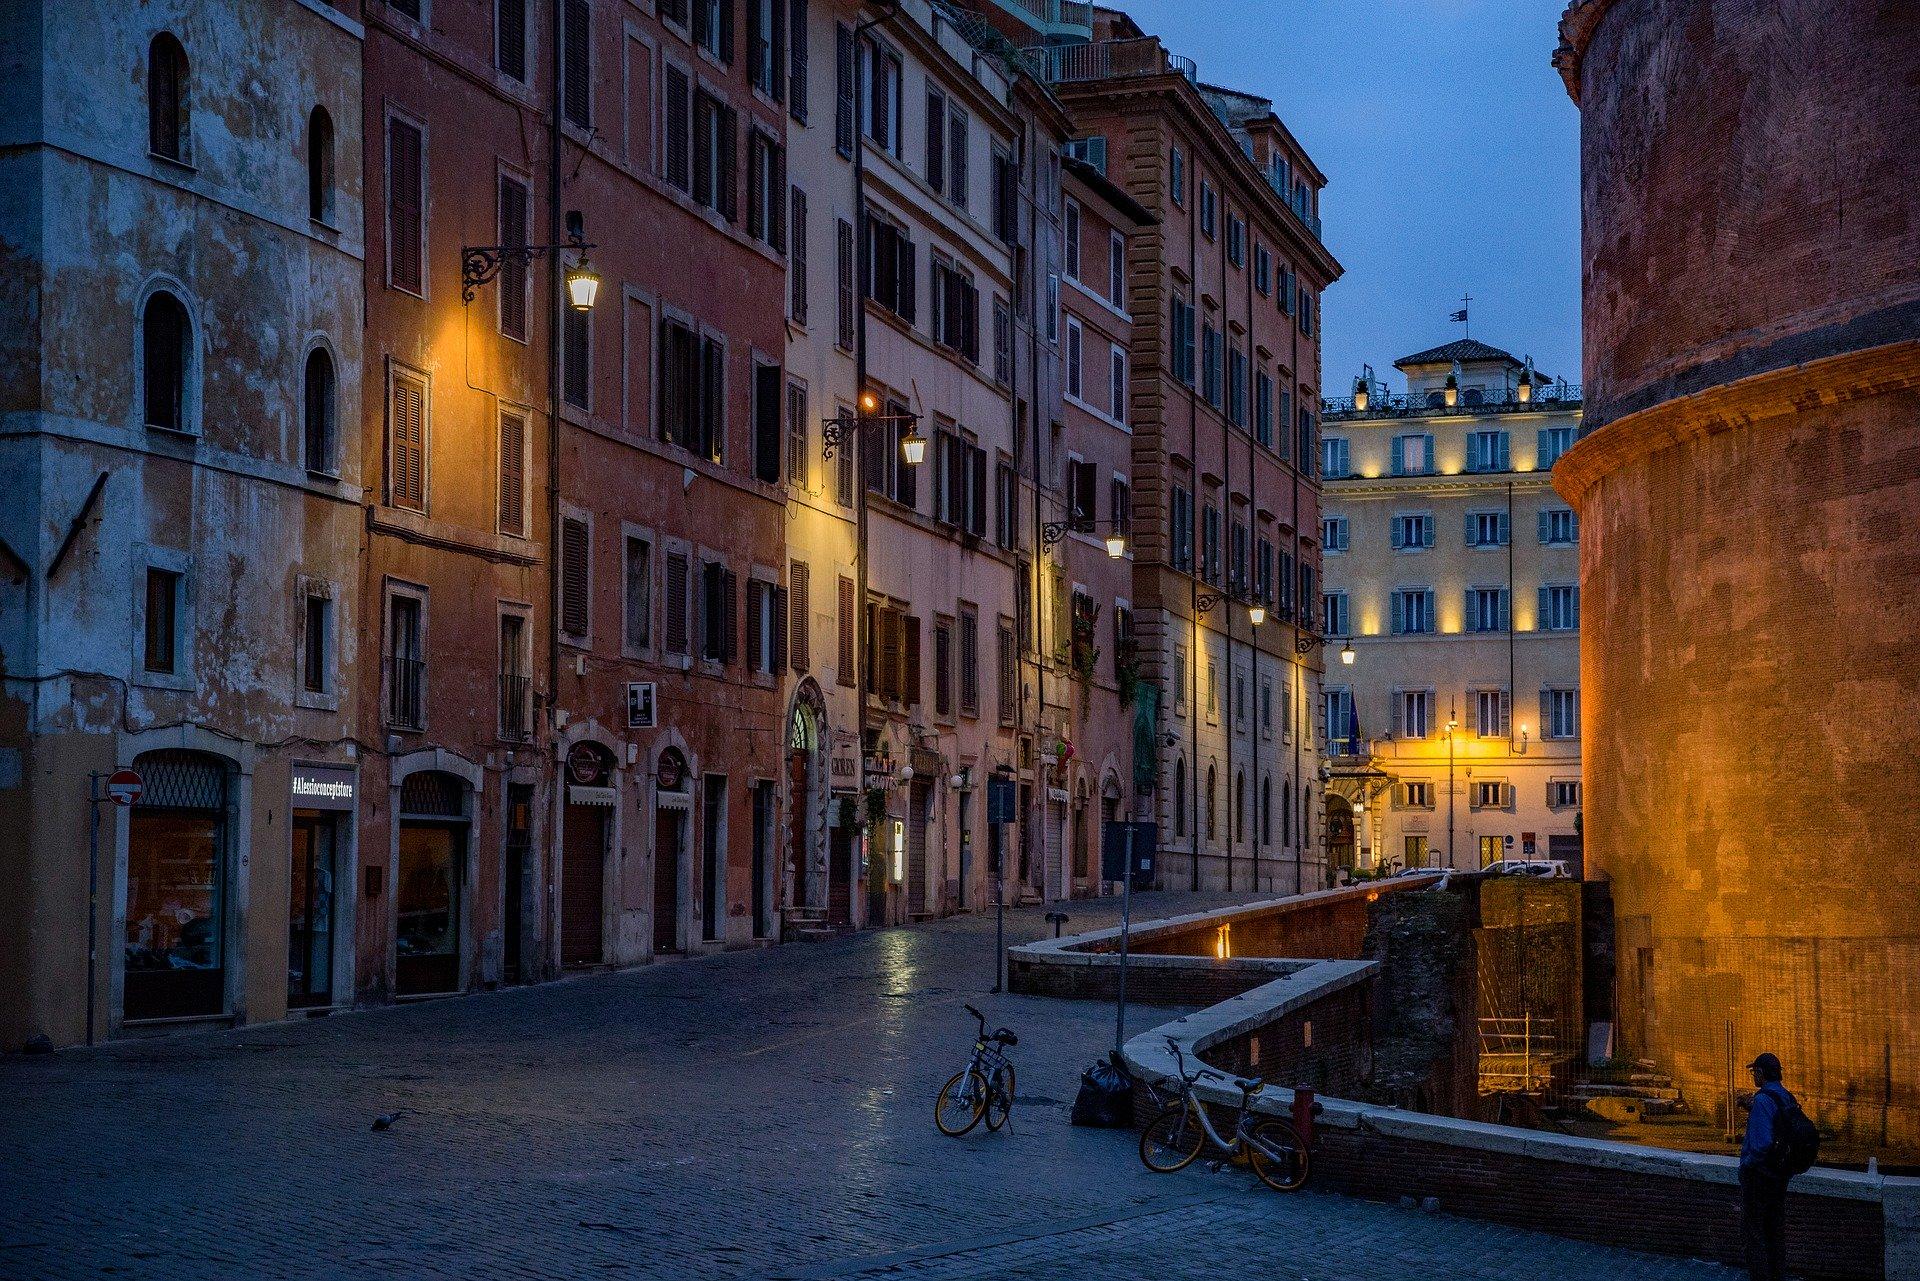 Włoski wiceminister zdrowia: Za wcześnie na to, by znieść godzinę policyjną